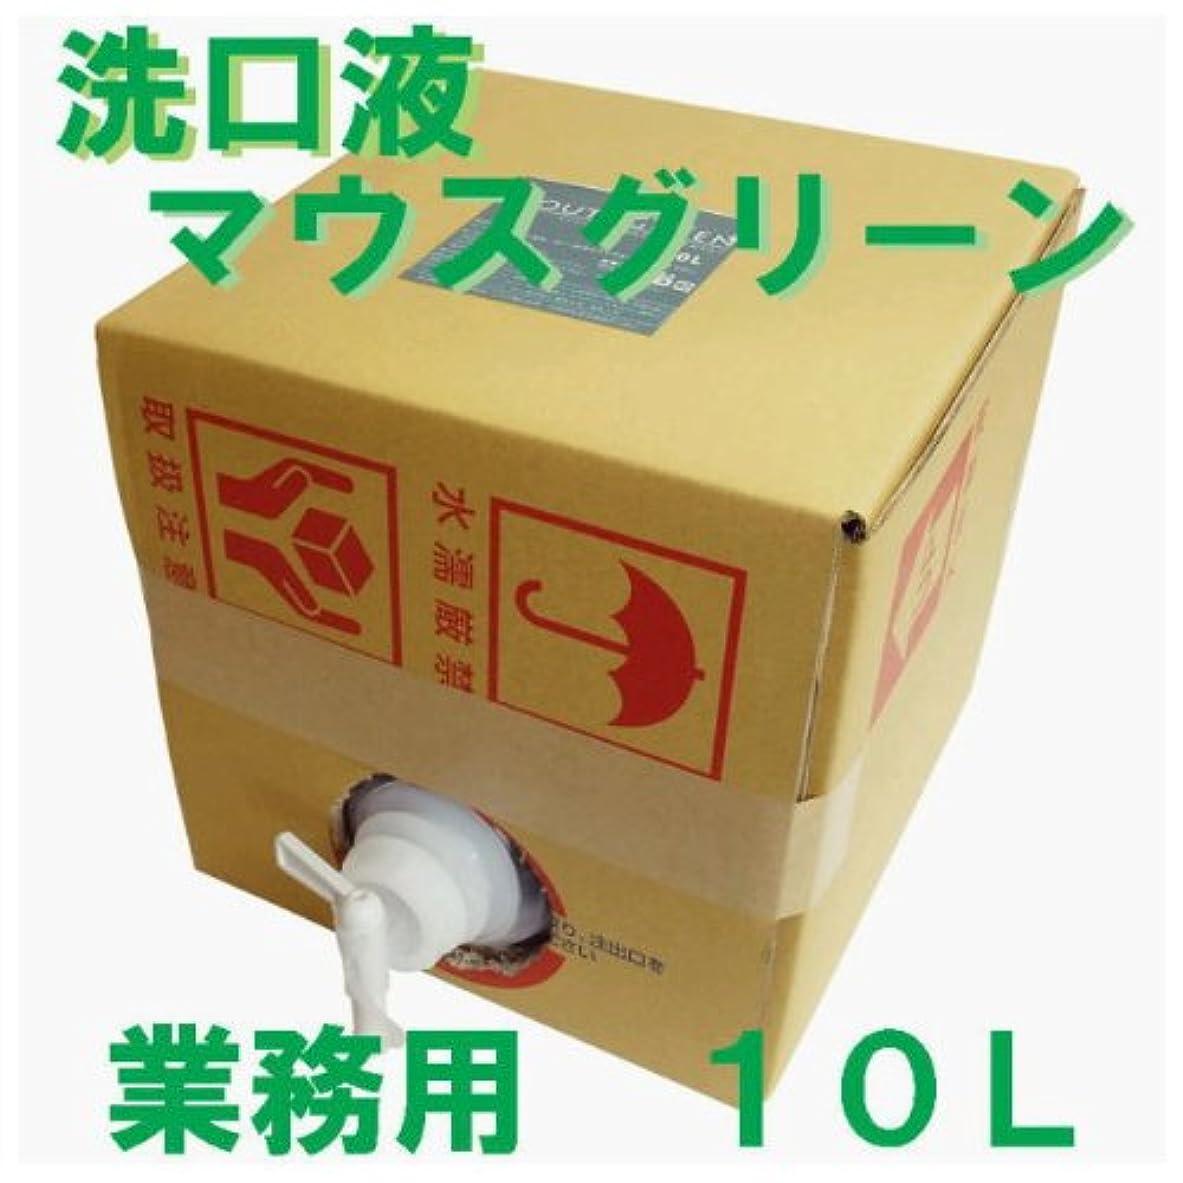 バンドルデイジースタッフ業務用 口腔化粧品 マウスグリーン洗口液 10L